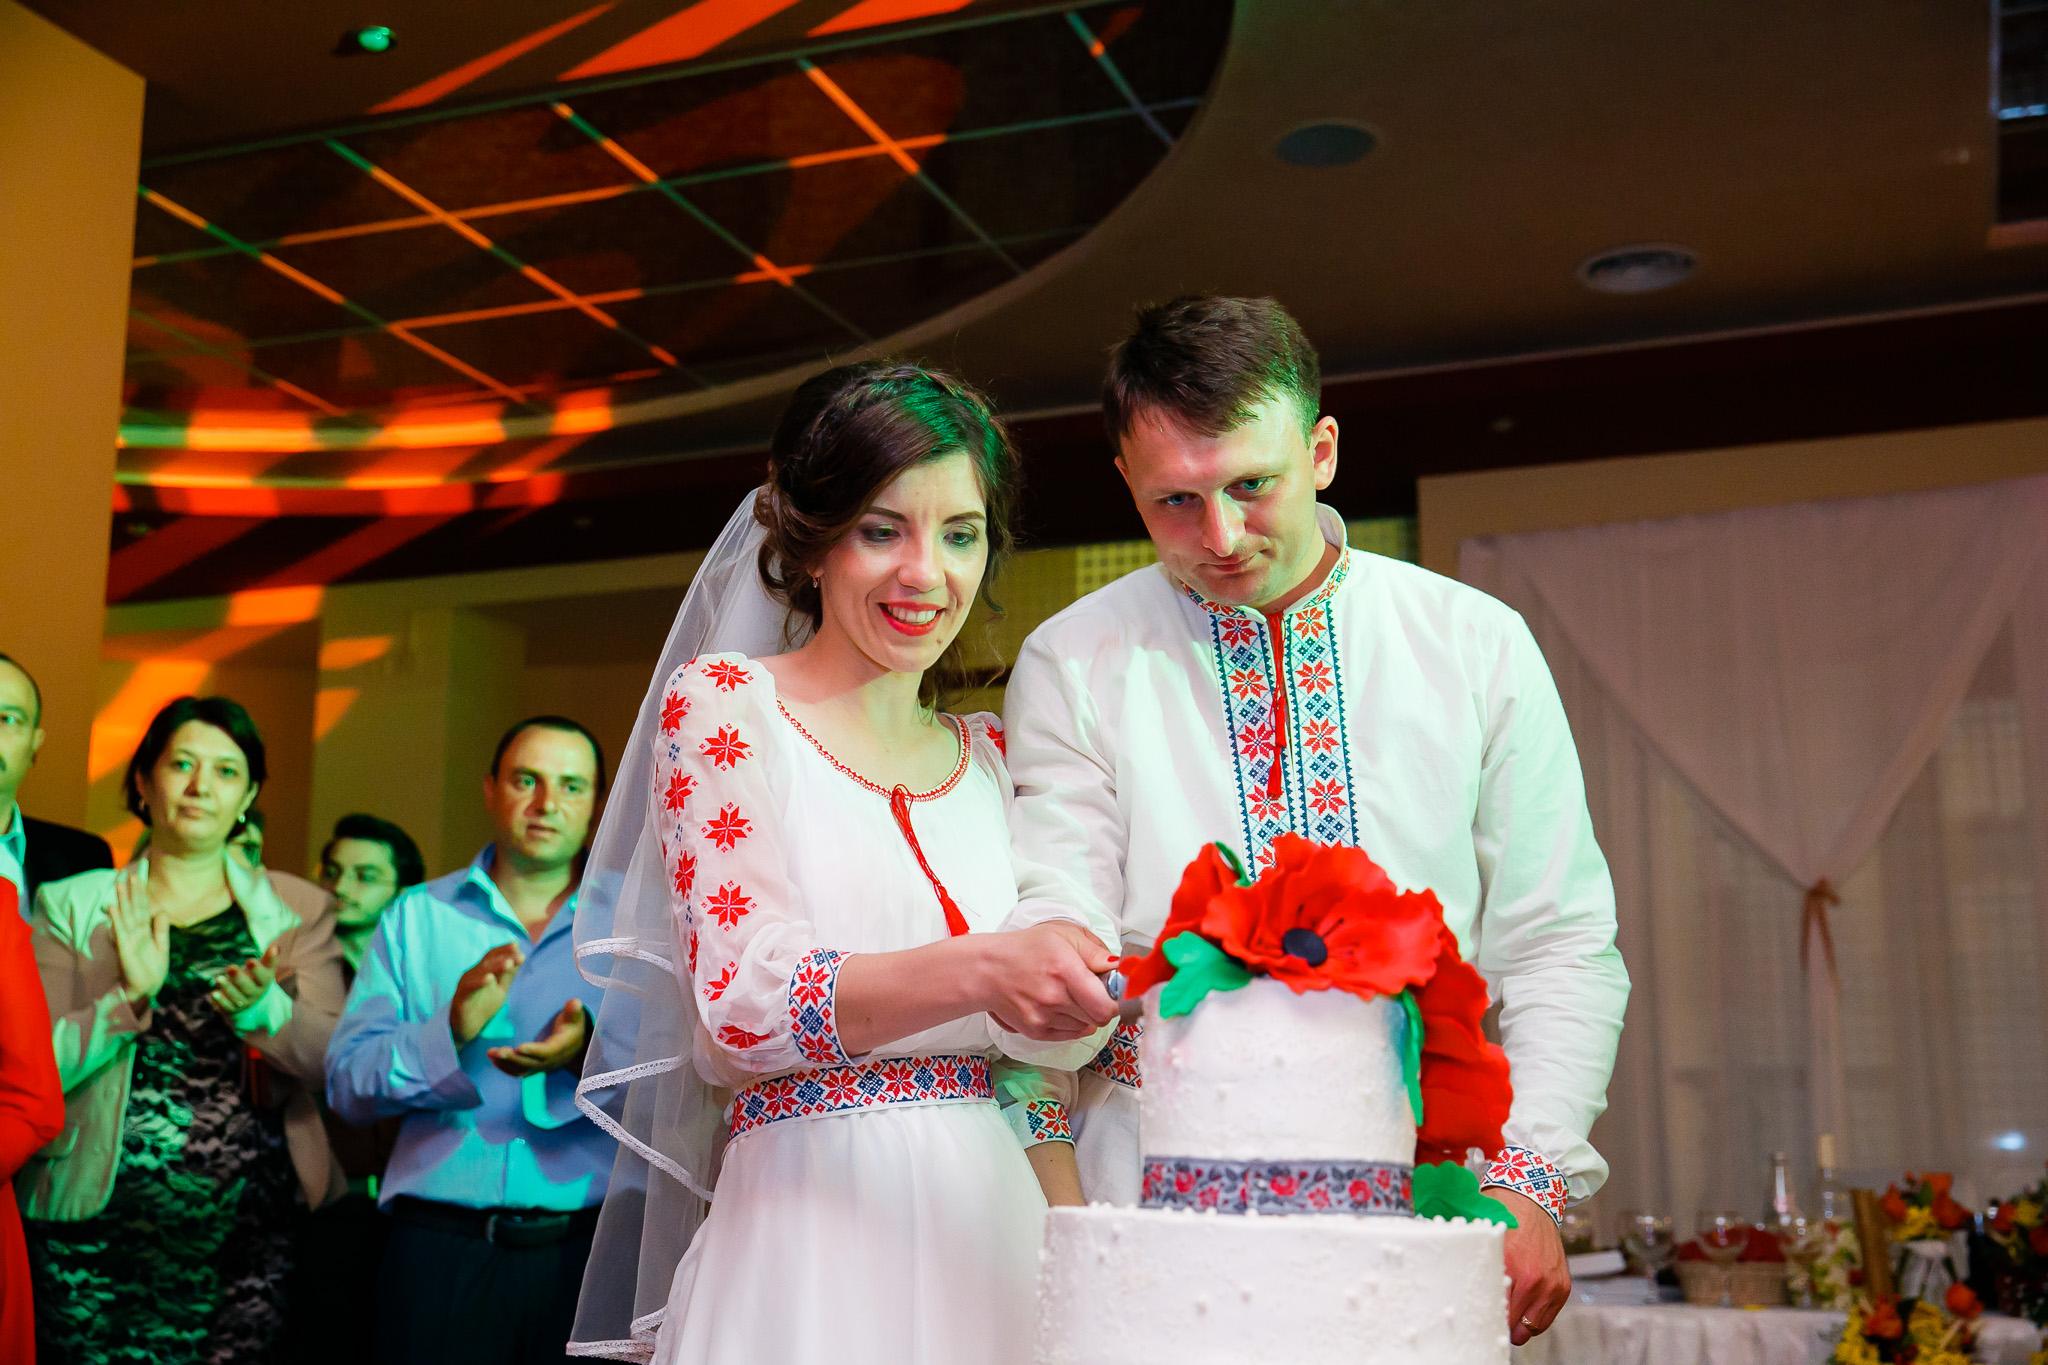 Nuntă tradițională Elisabeta și Alexandru fotograf profesionist nunta Iasi www.paulpadurariu.ro © 2018 Paul Padurariu fotograf de nunta Iasi tortul mirilor 3